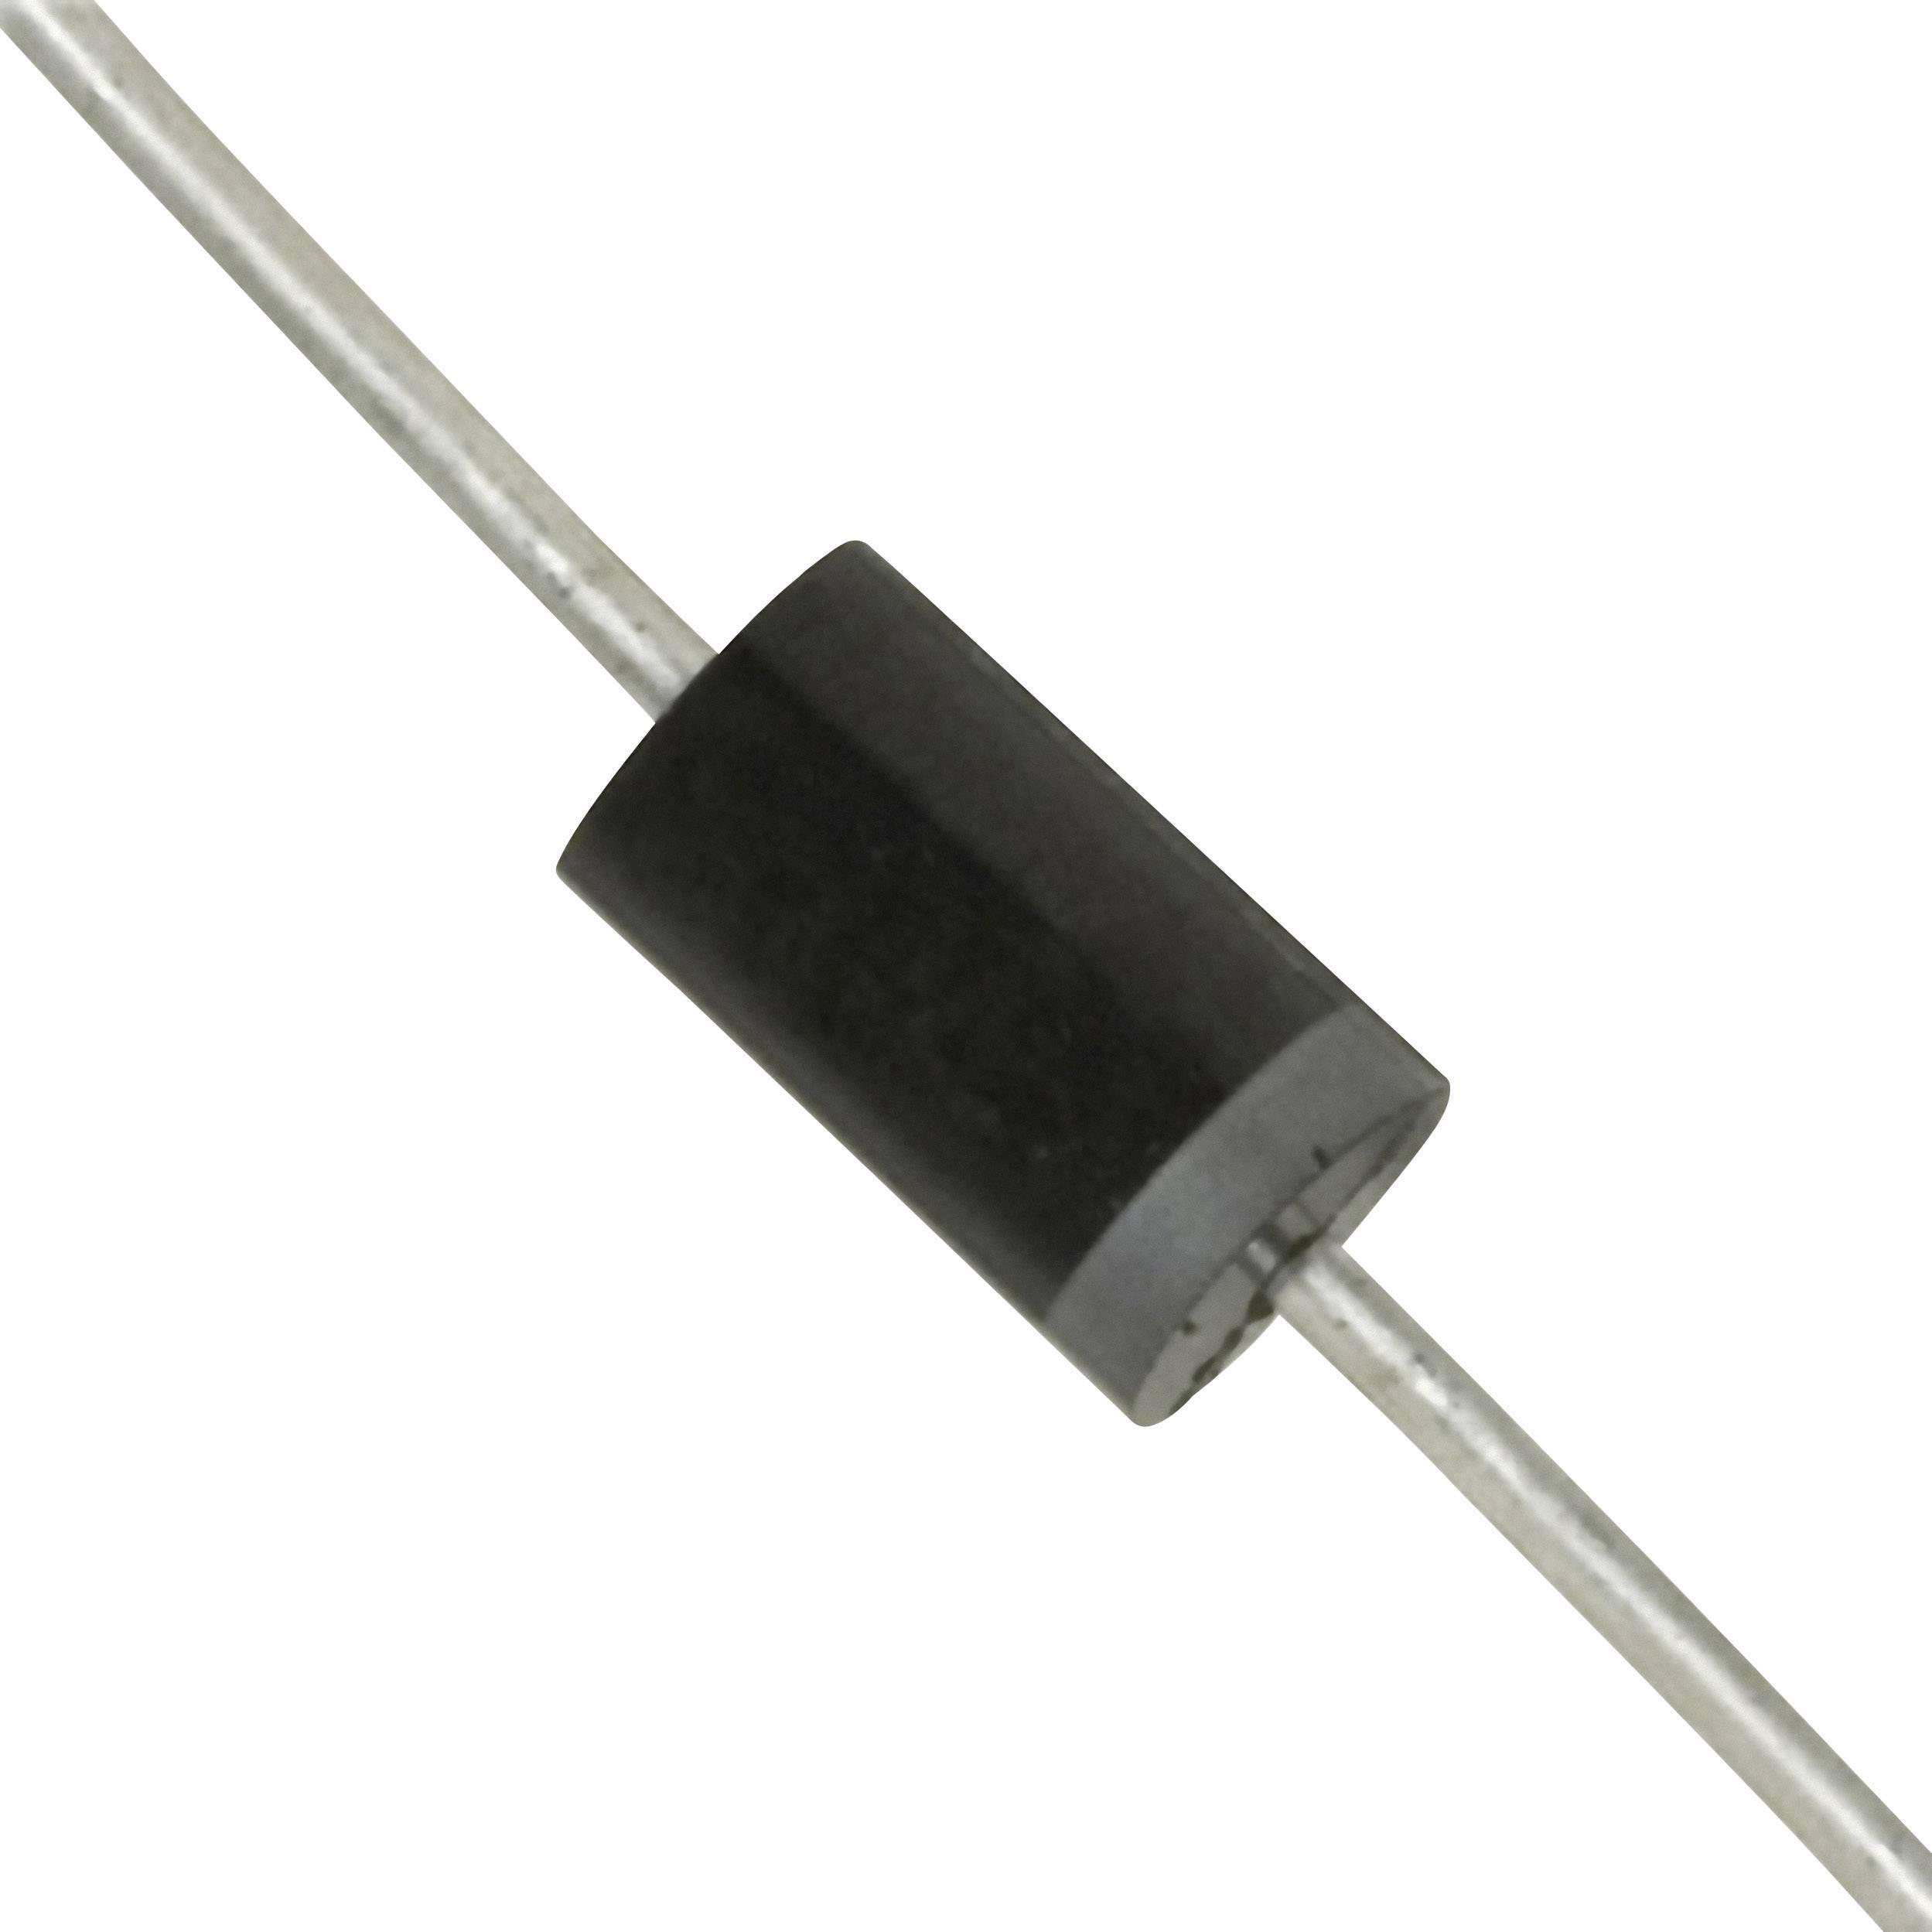 Zenerova dioda Diotec ZPD 3,3 V, 500 mW, DO 35 P